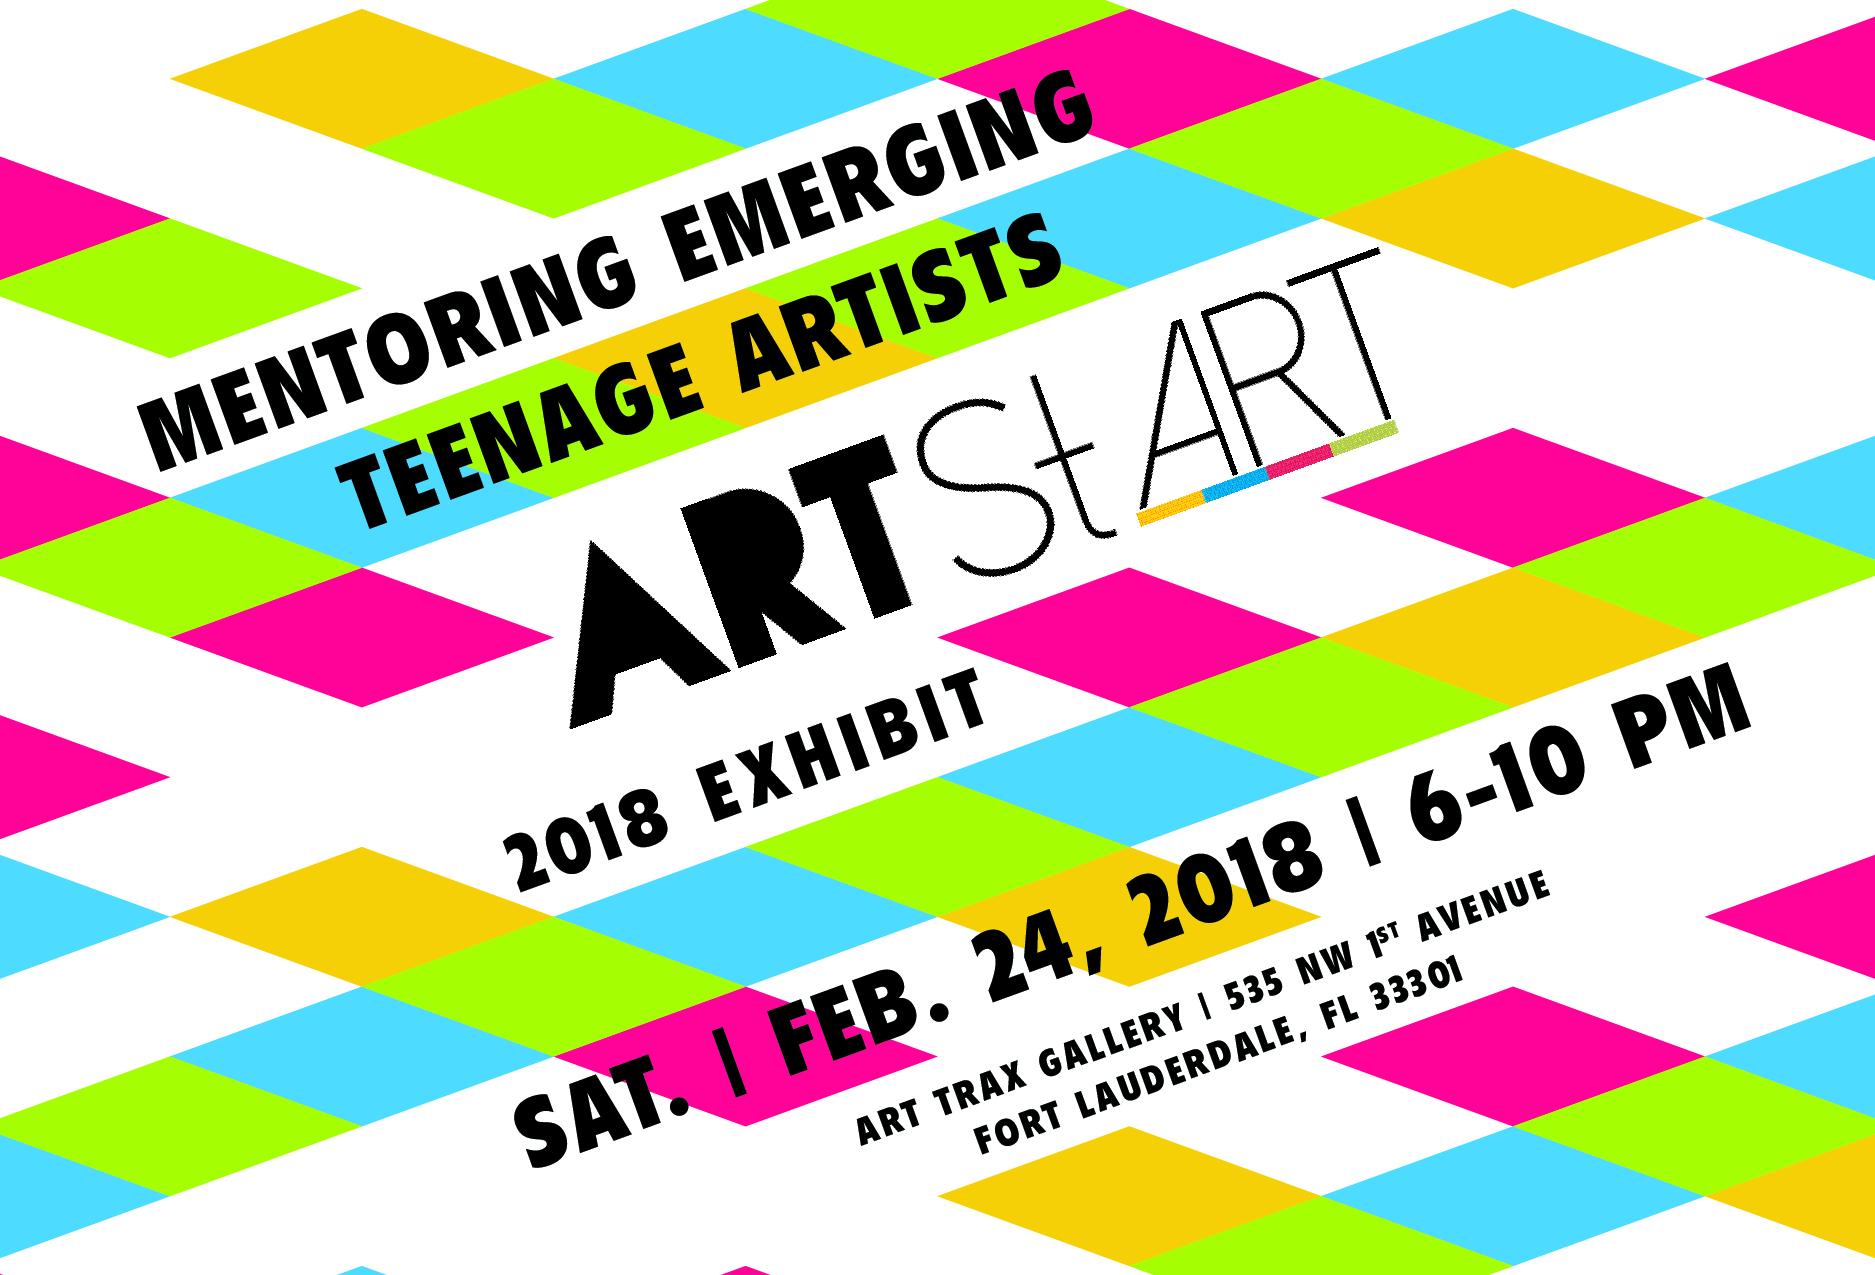 ArtStArt_2018.jpg